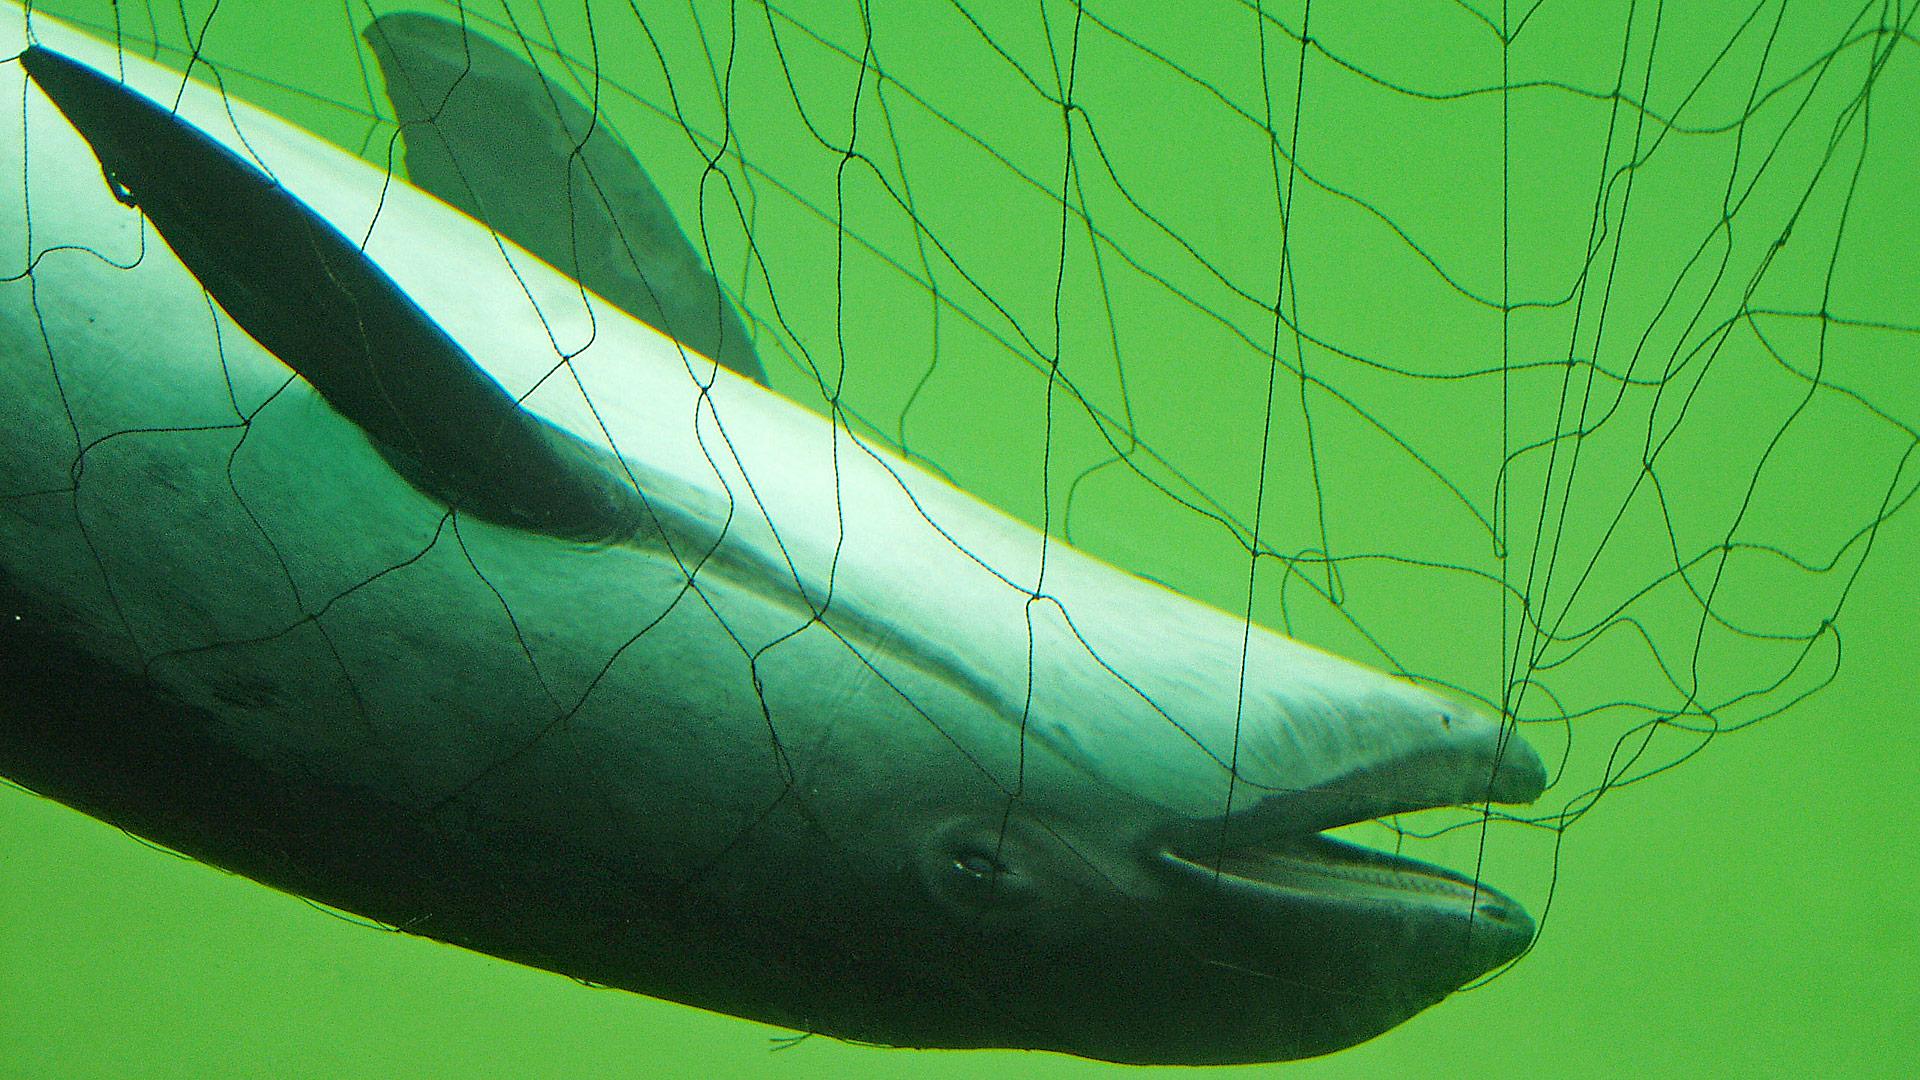 Opfer eines Speedboots? Schweinswal mit tödlichen Schraubenverletzungen.